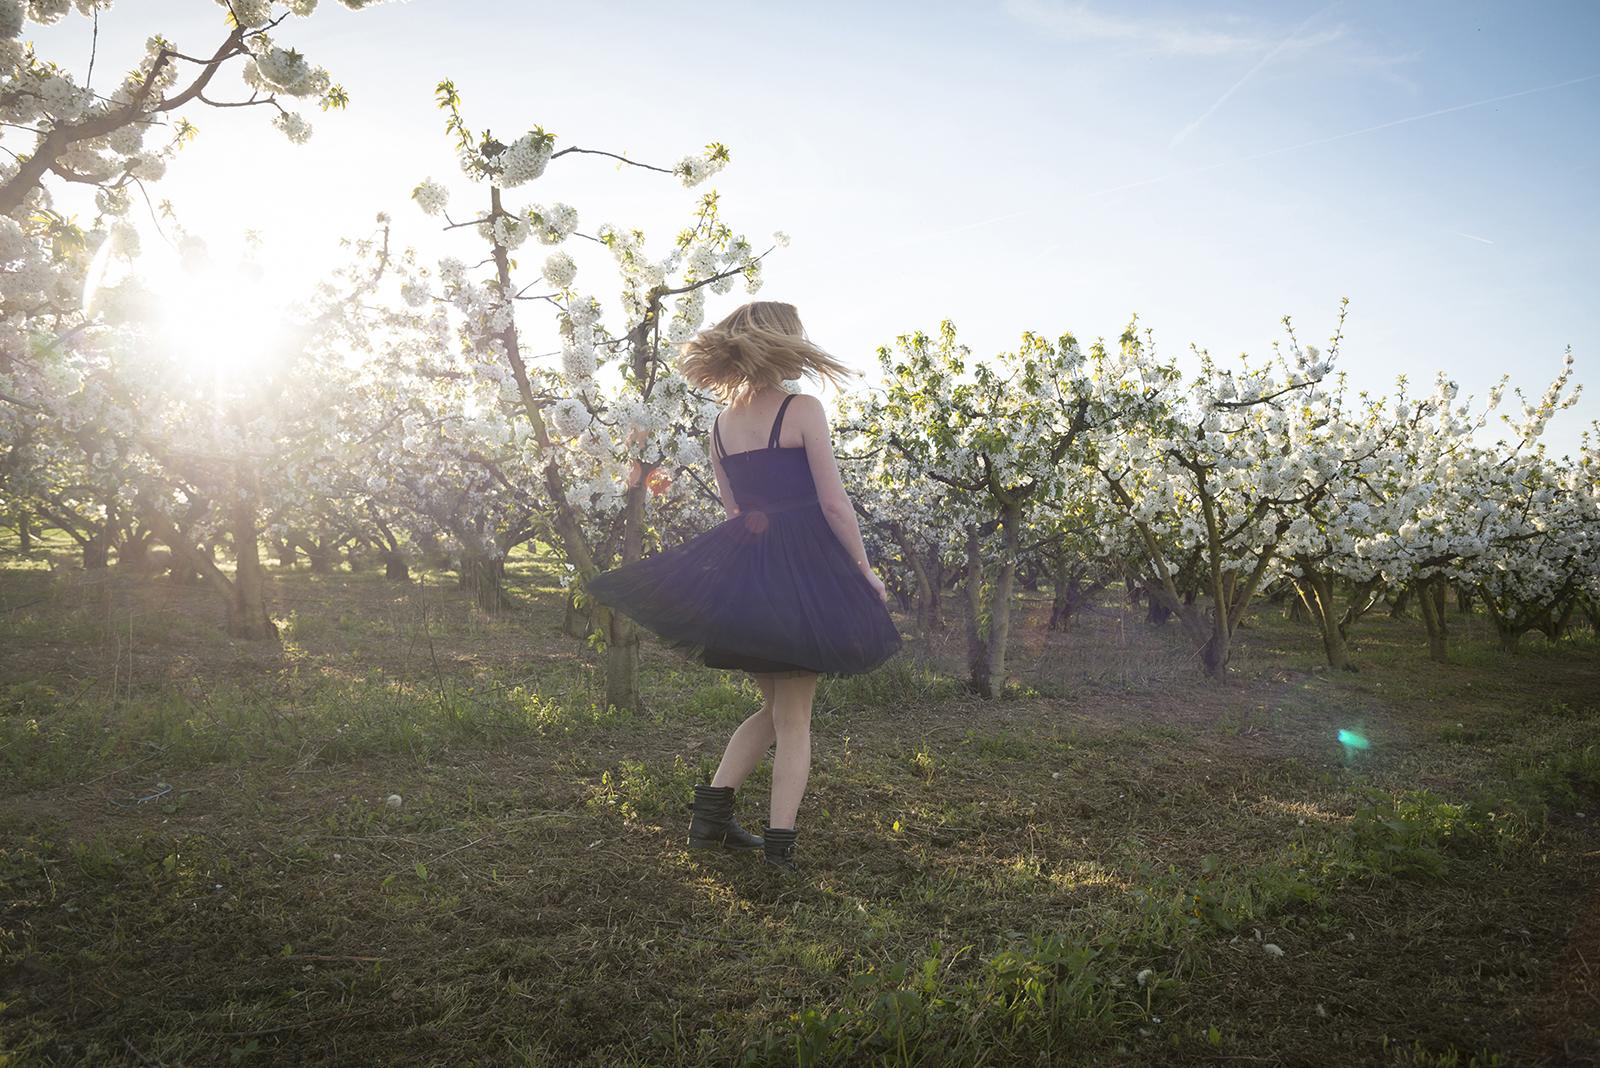 jeune fille dans les vergers en fleurs